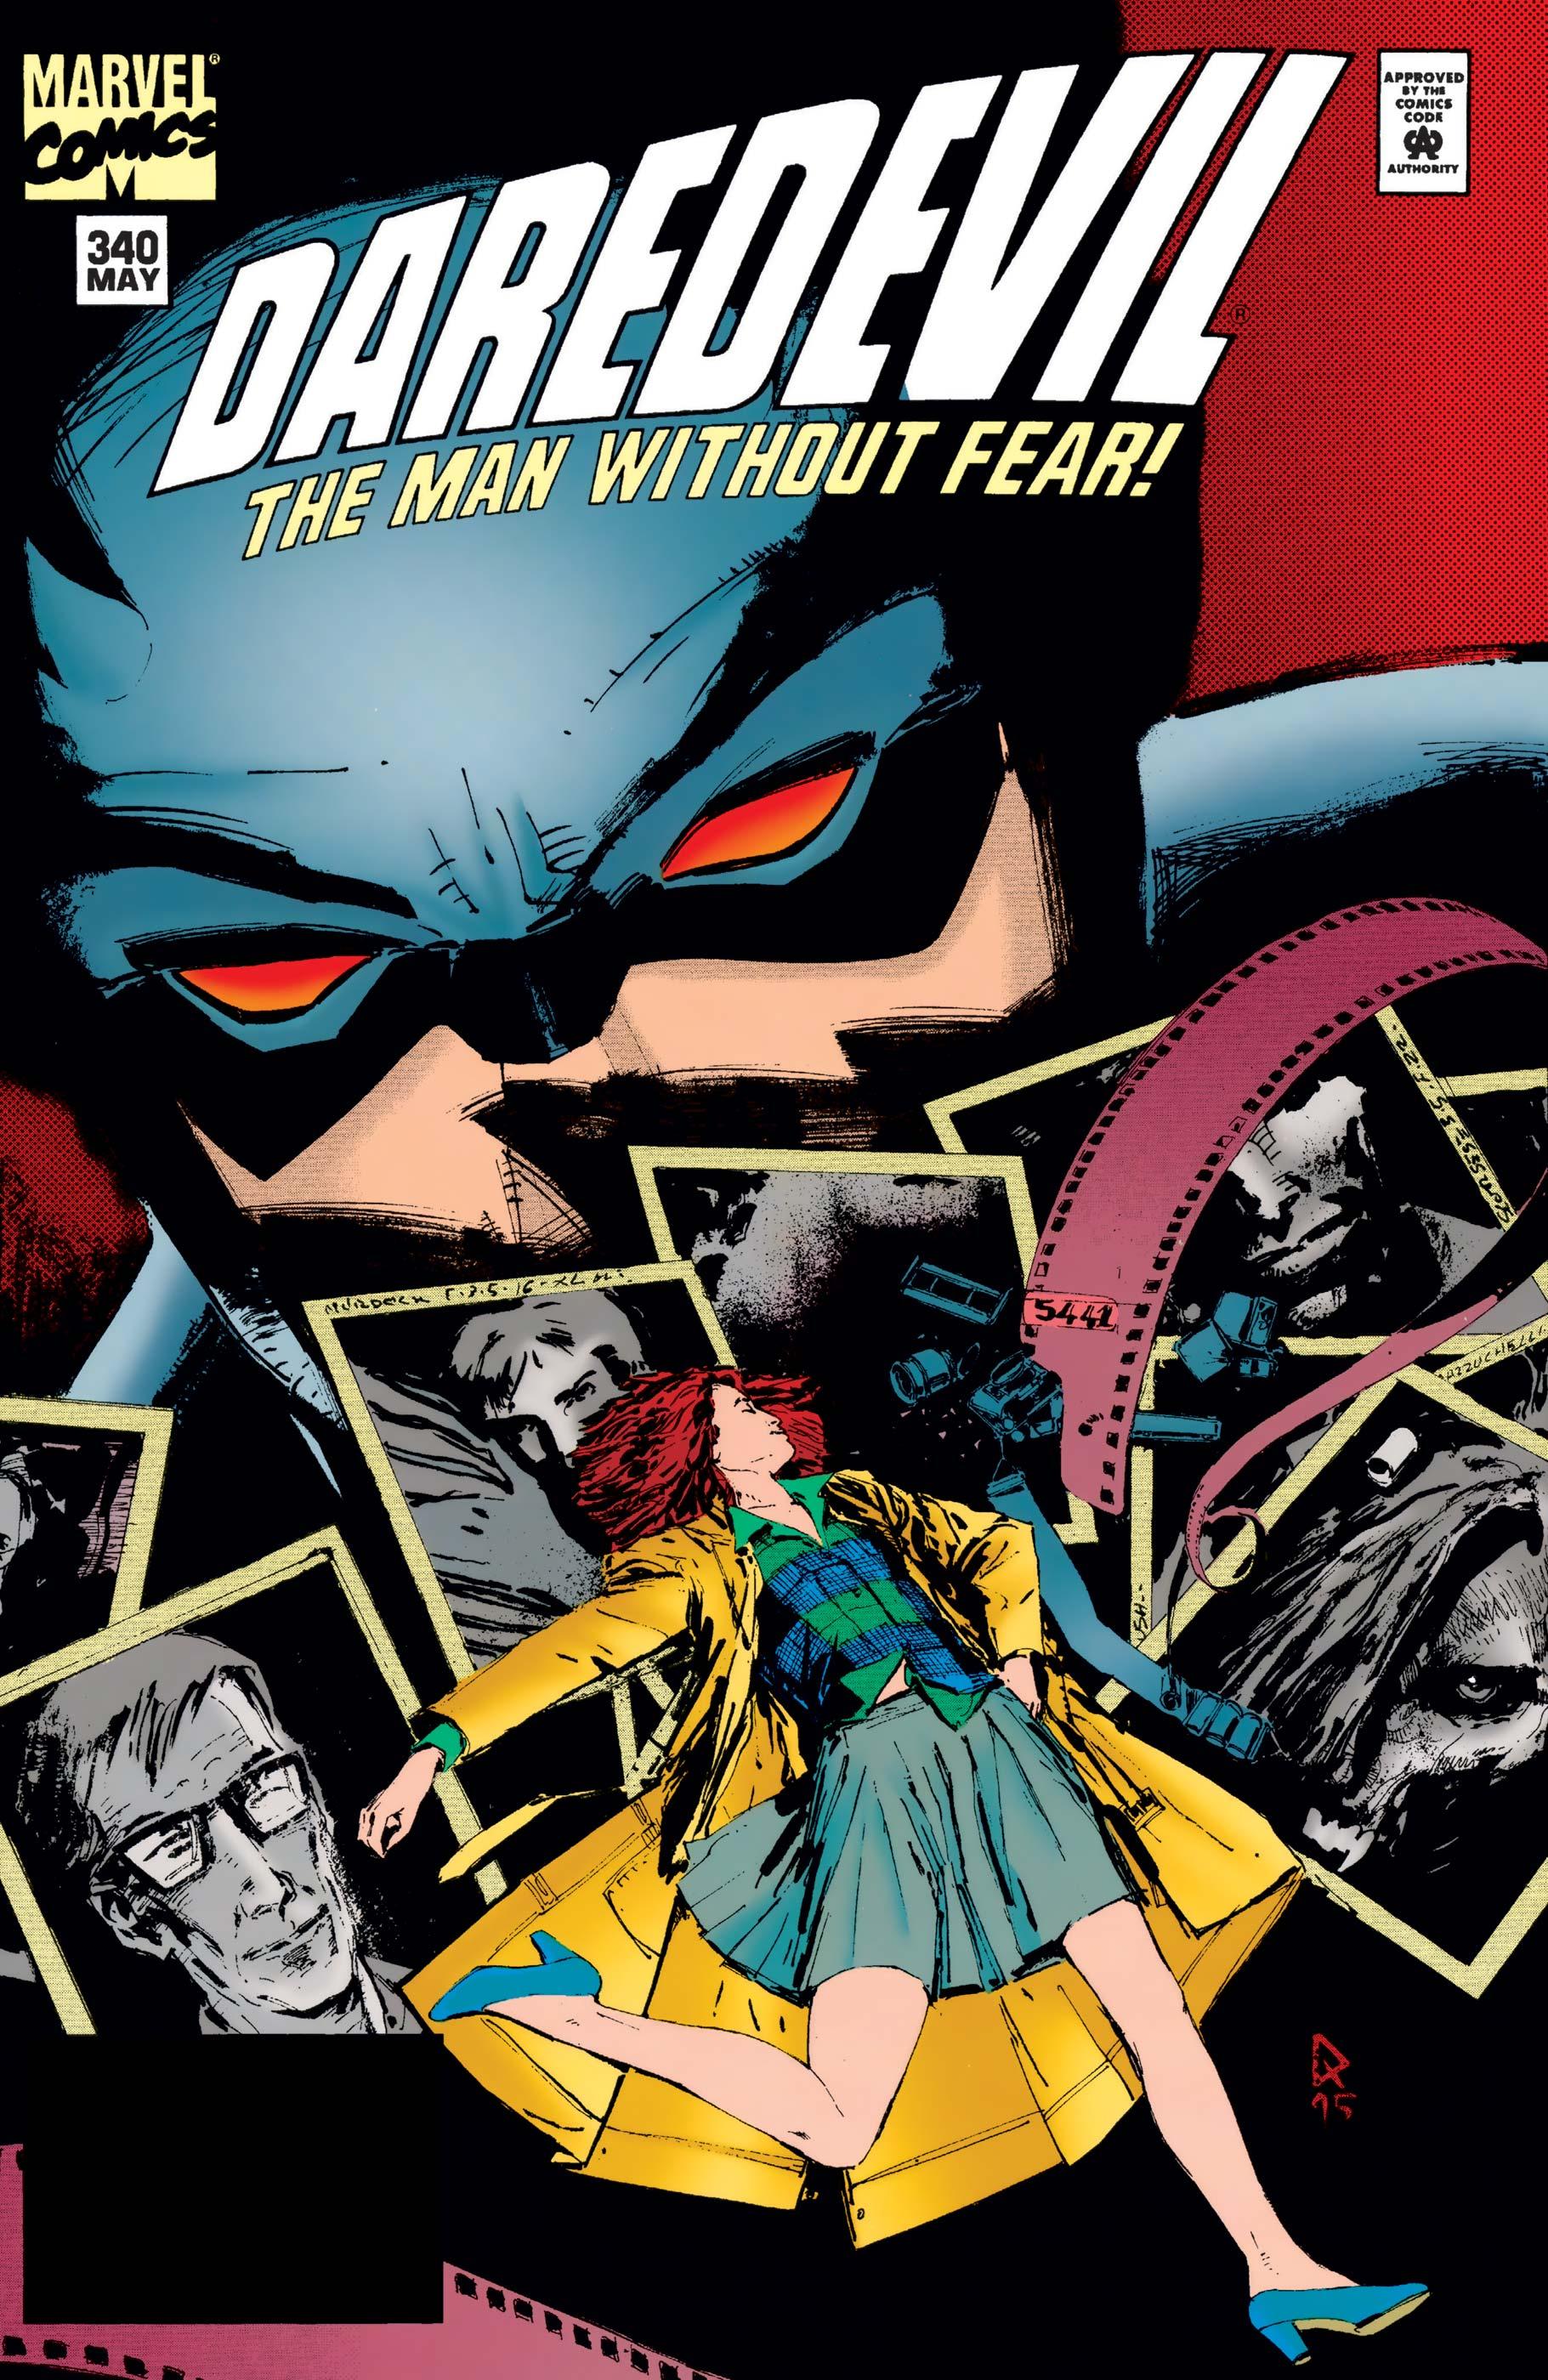 Daredevil (1964) #340